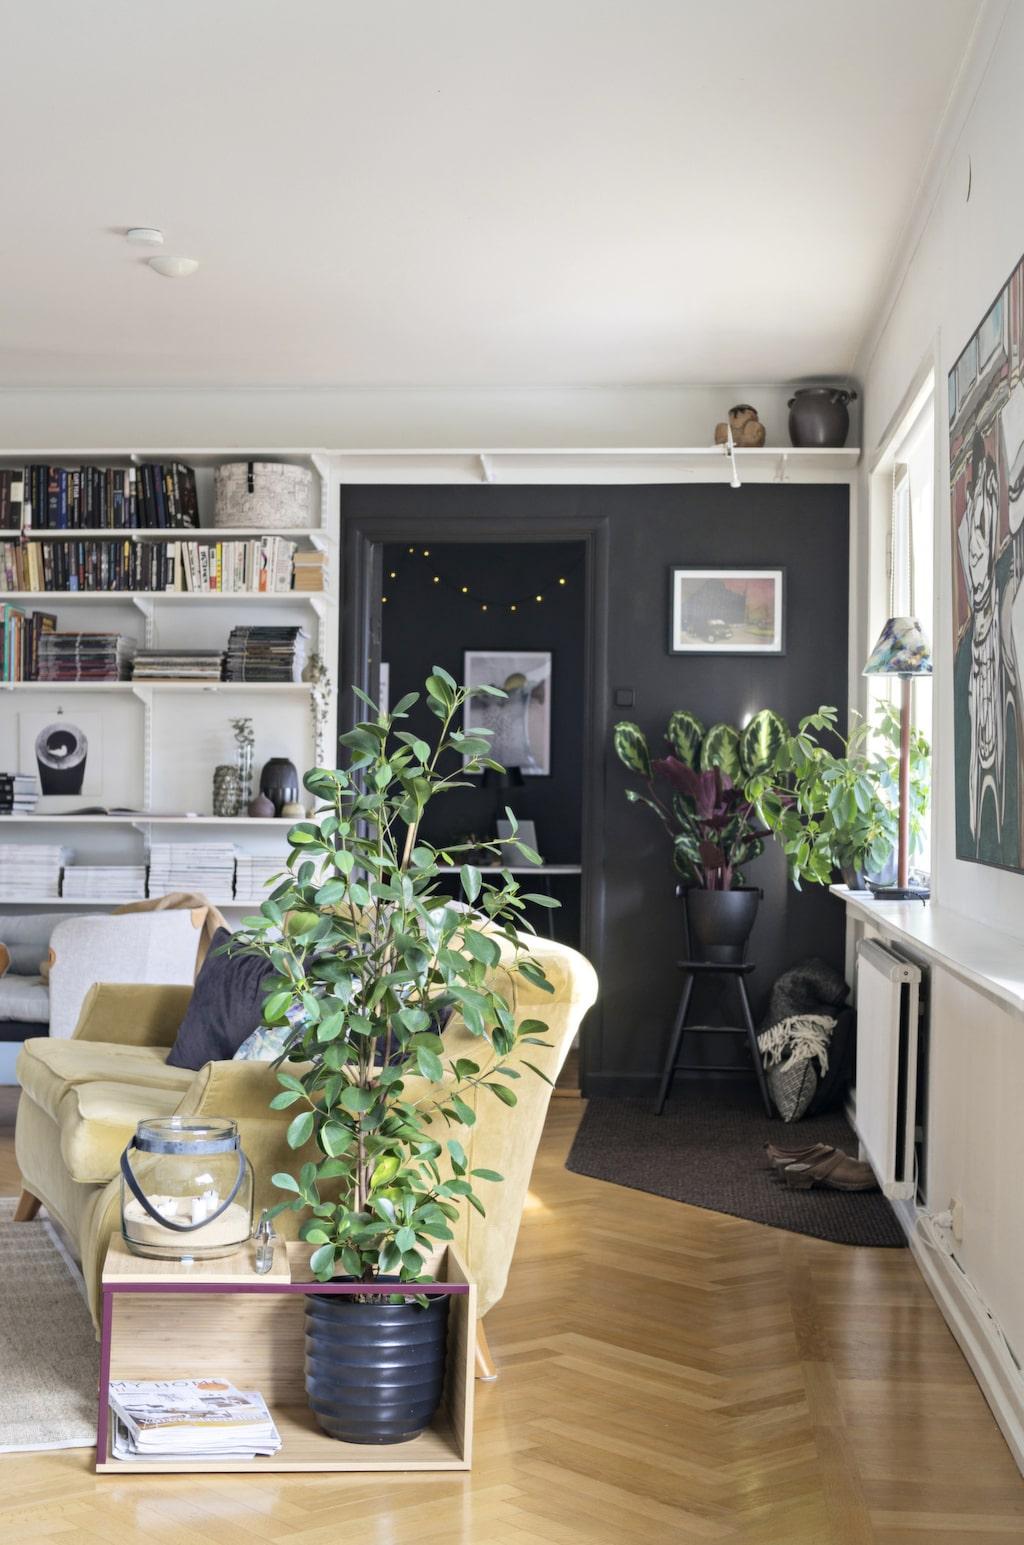 Svart och vitt i vardagsrummet mjukas upp med mycket gröna växter och en generös, gul sammetssoffa. Ljusslingor är effektfullt mot en svart vägg.